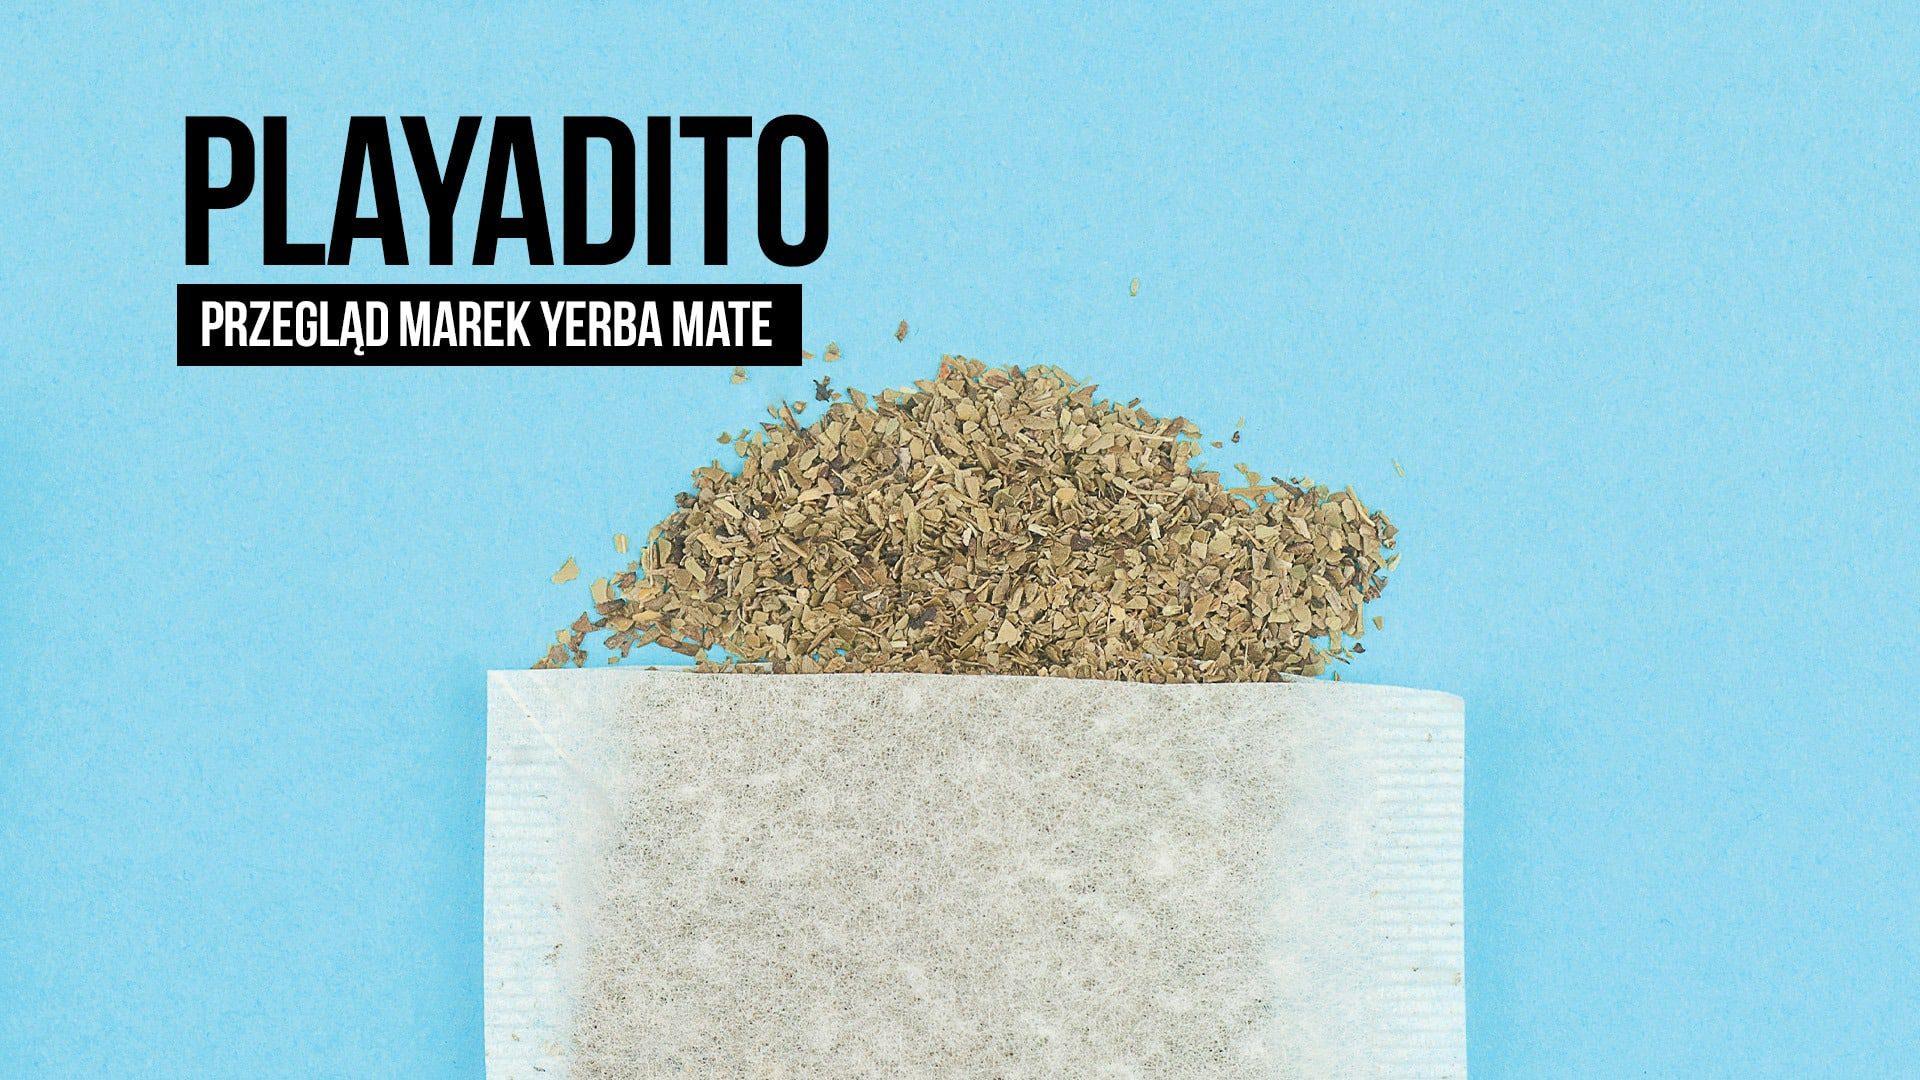 Przegląd yerba mate: Playadito (ostrokrzew paragwajski), opinie